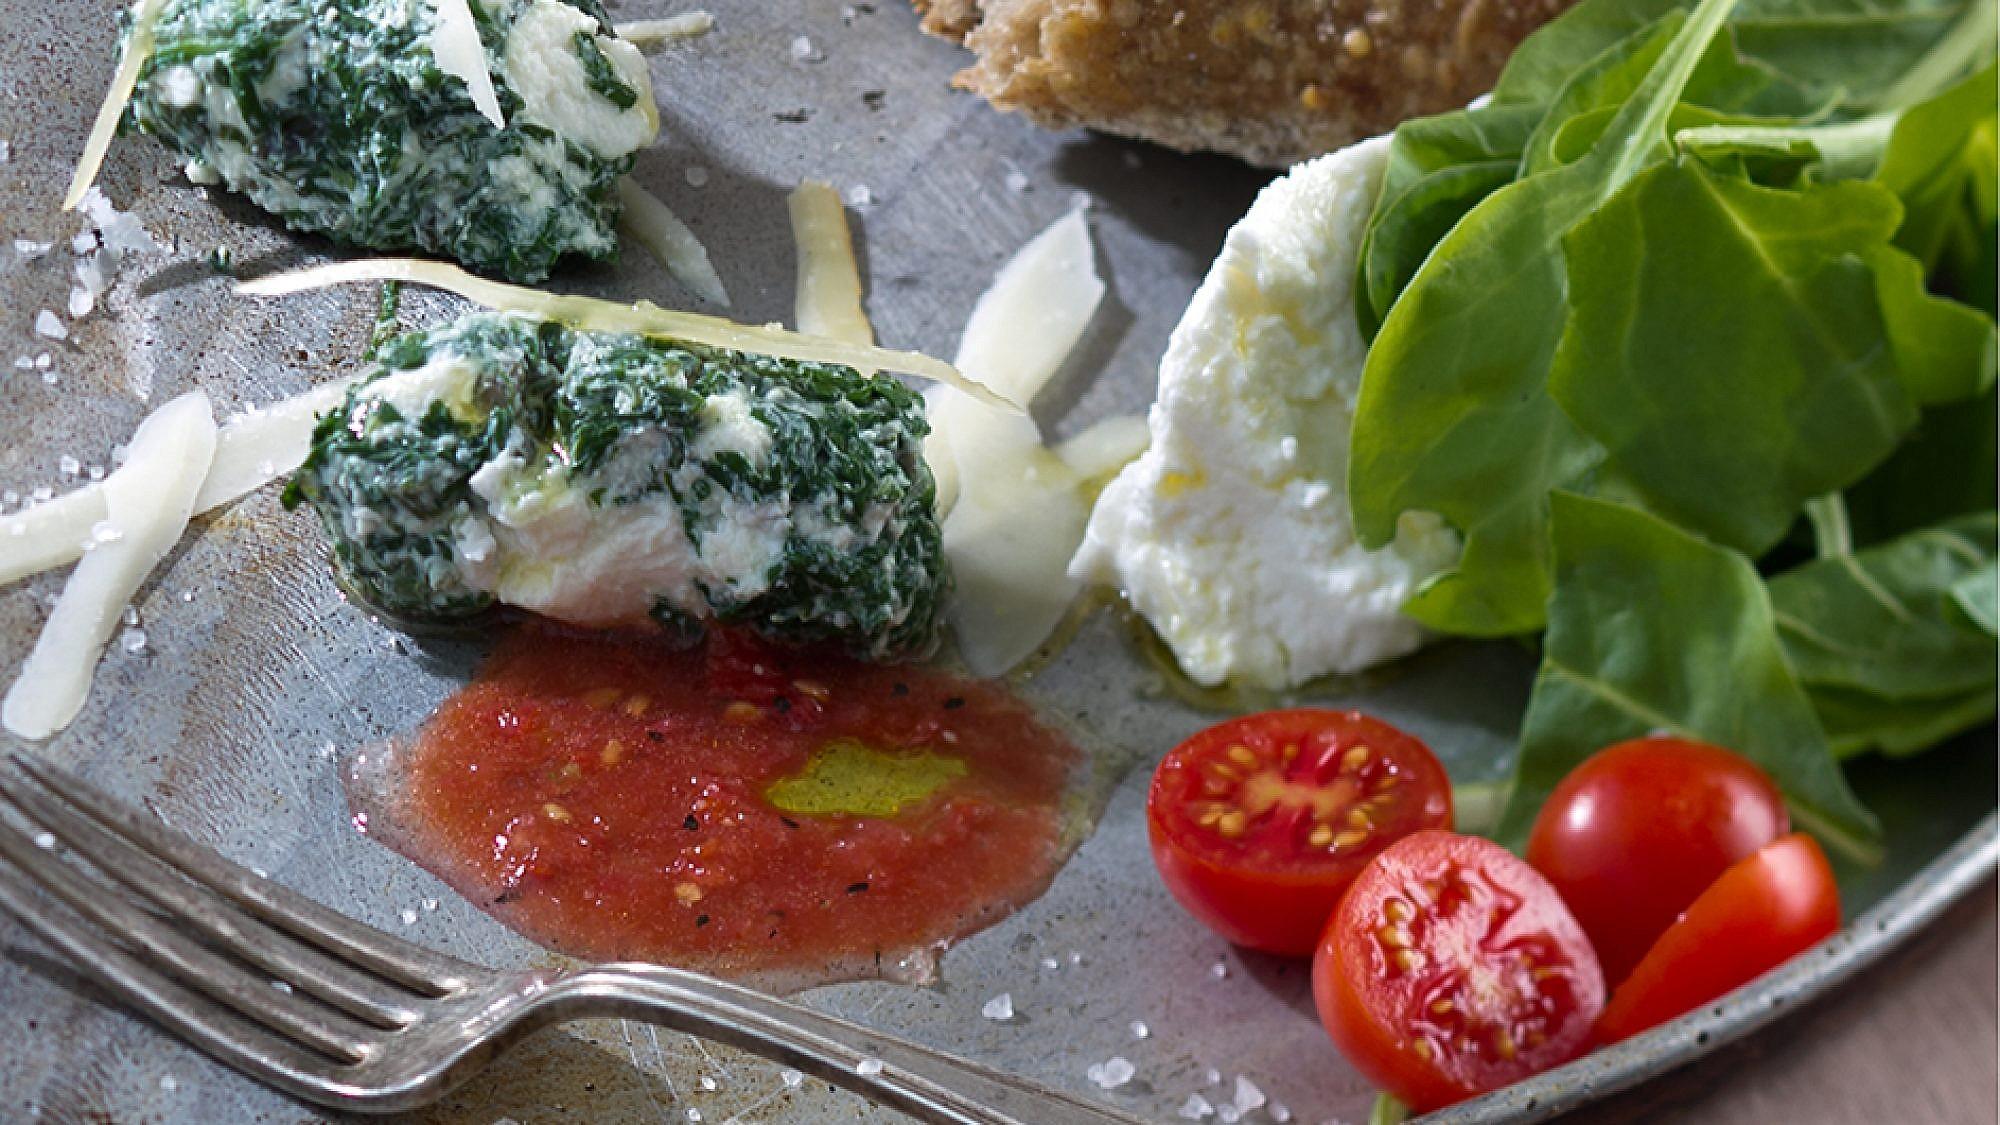 מלפטי - לביבות תרד וריקוטה בליווי סלסת עגבניות של שף אילן חפץ. צילום: אנטולי מיכאלו. סטיילינג: נעה קנריק